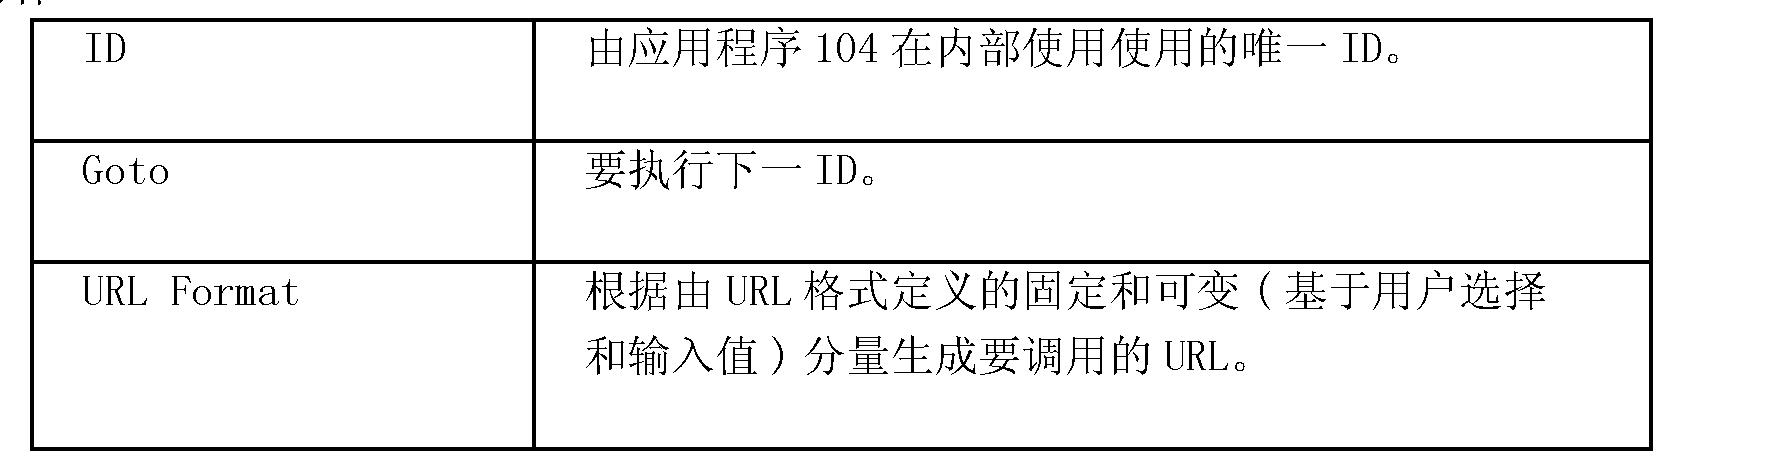 Figure CN101681484BD00393